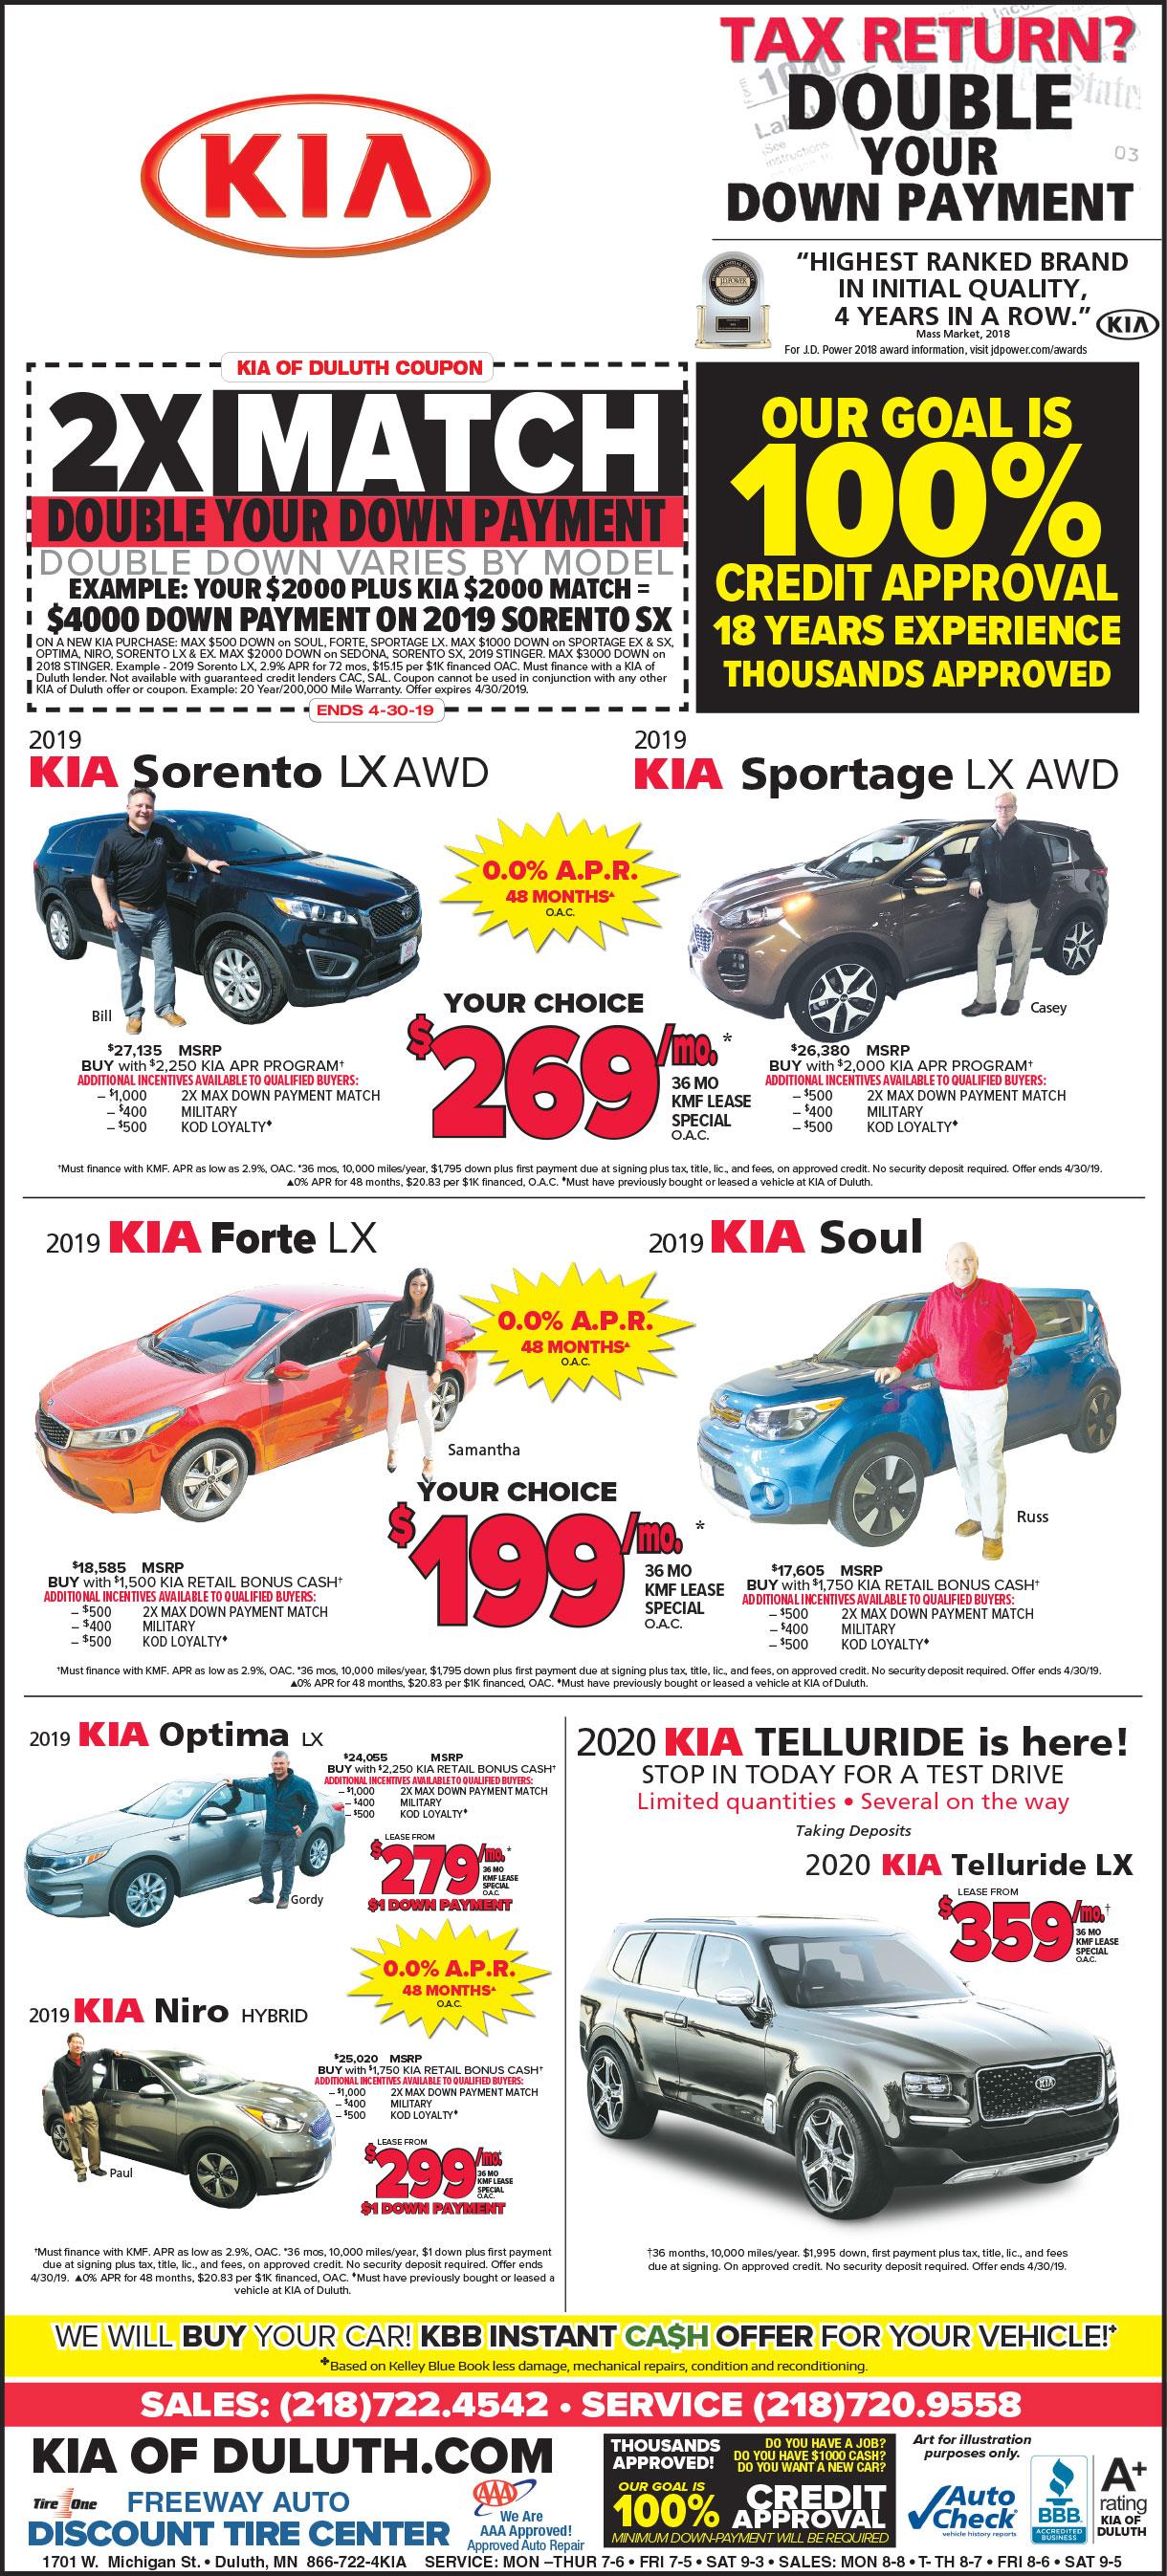 Kia Of Duluth >> Kia Of Duluth Auto Car Reviews 2019 2020